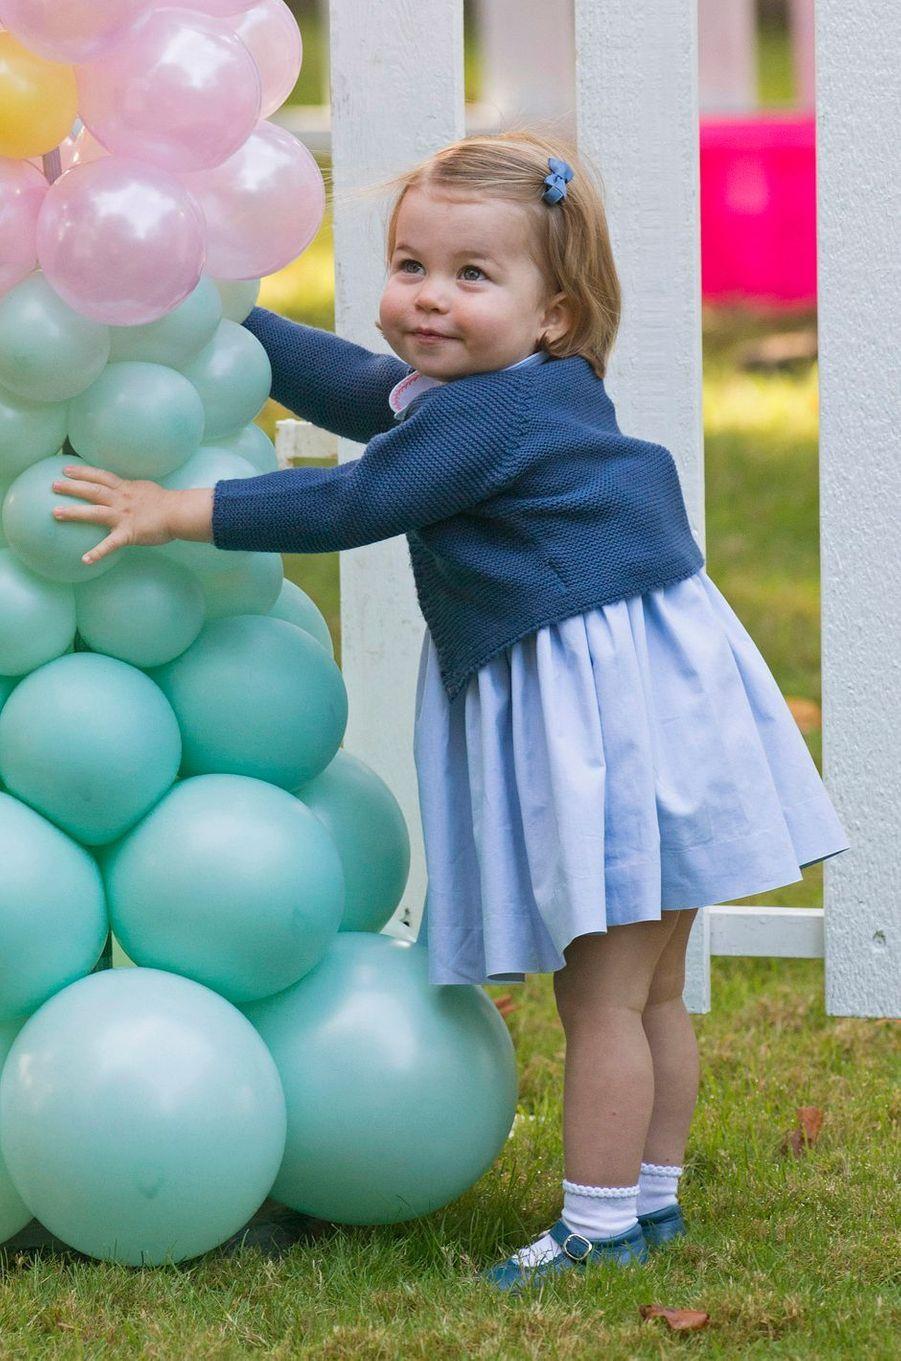 La princesse Charlotte, la fille de Kate Middleton et du prince William, a fait ses premiers pas en public lors d'une fête pour enfants à Victoria au Canada, ce jeudi 29 septembre.